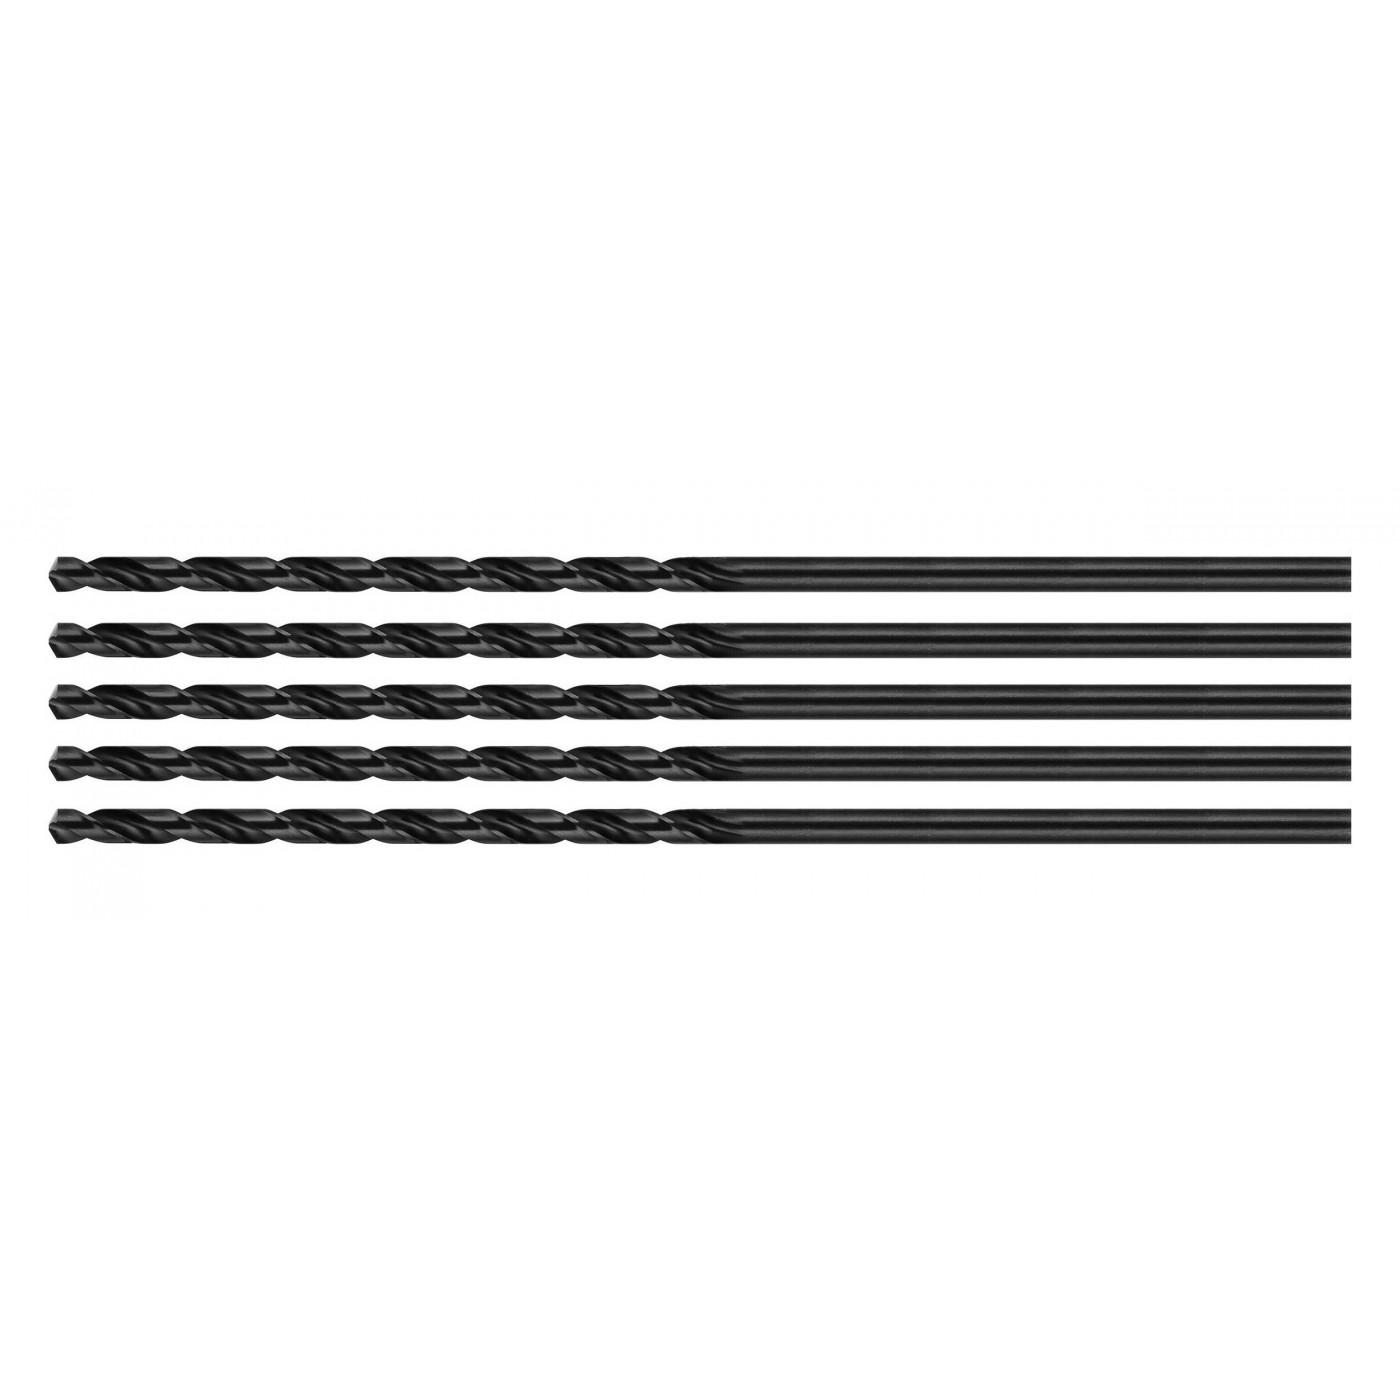 Set of 5 metal drill bits (4.2x250 mm)